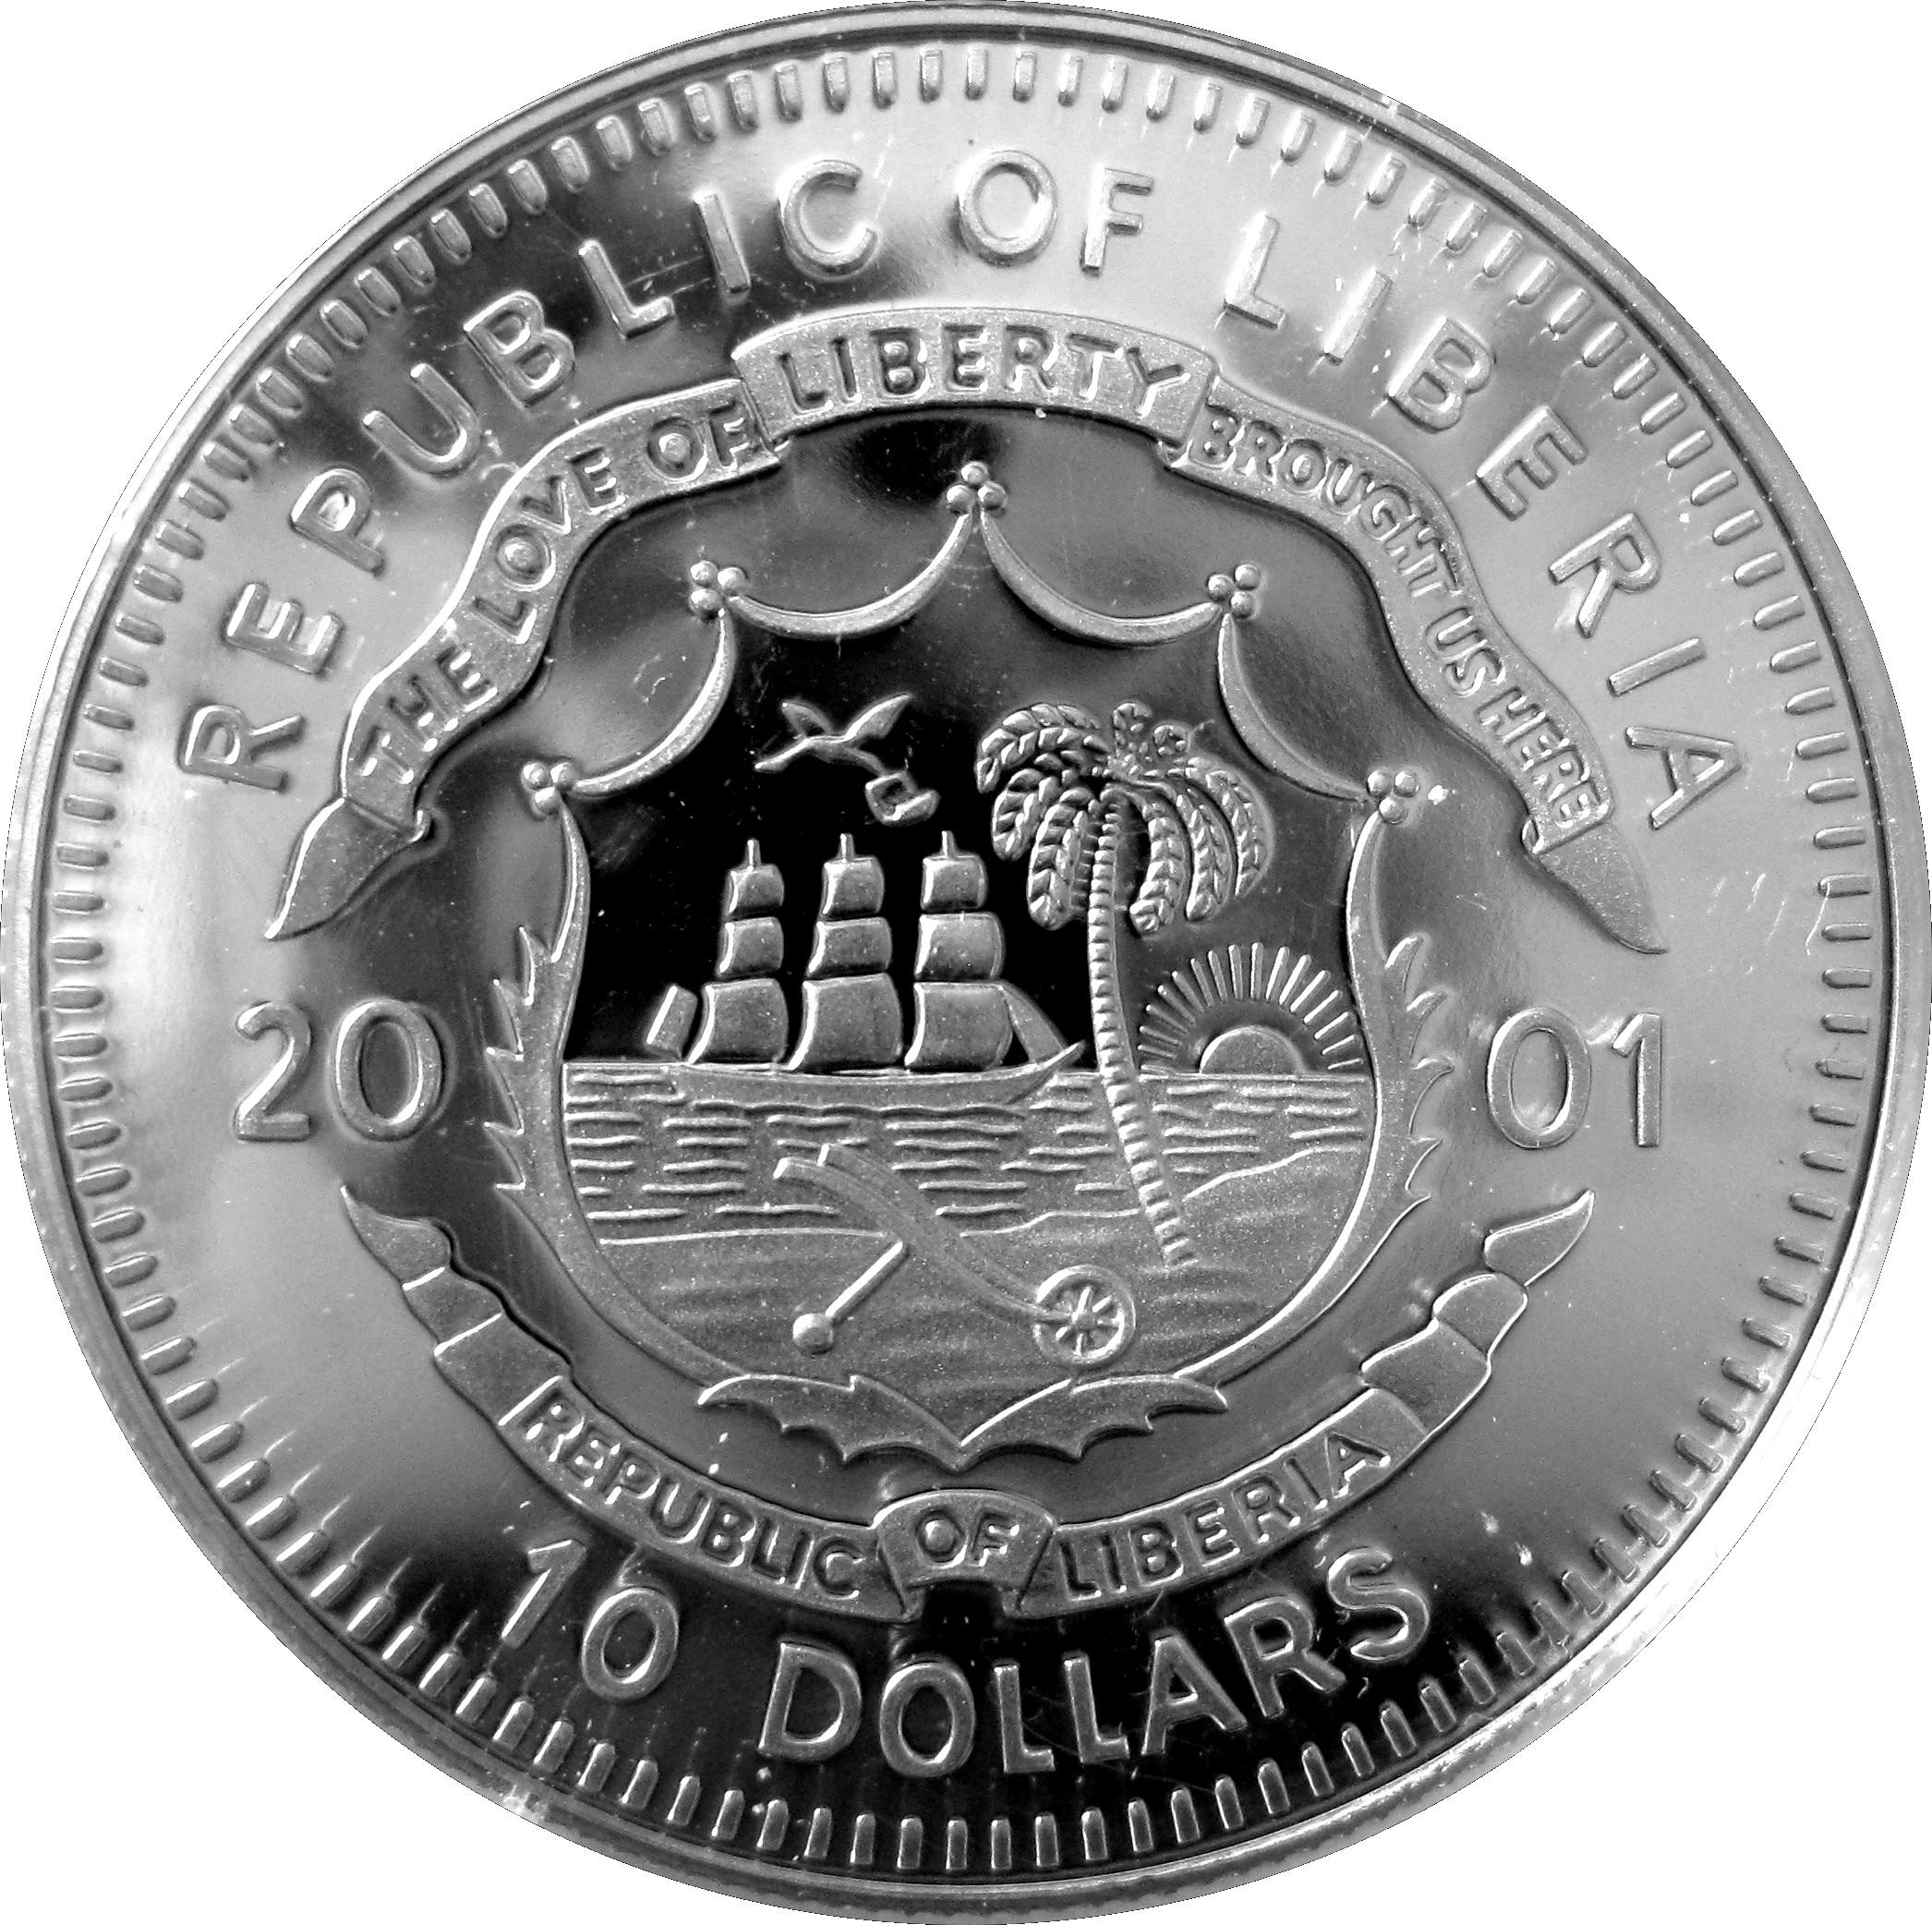 10 Dollars Paul Breitner